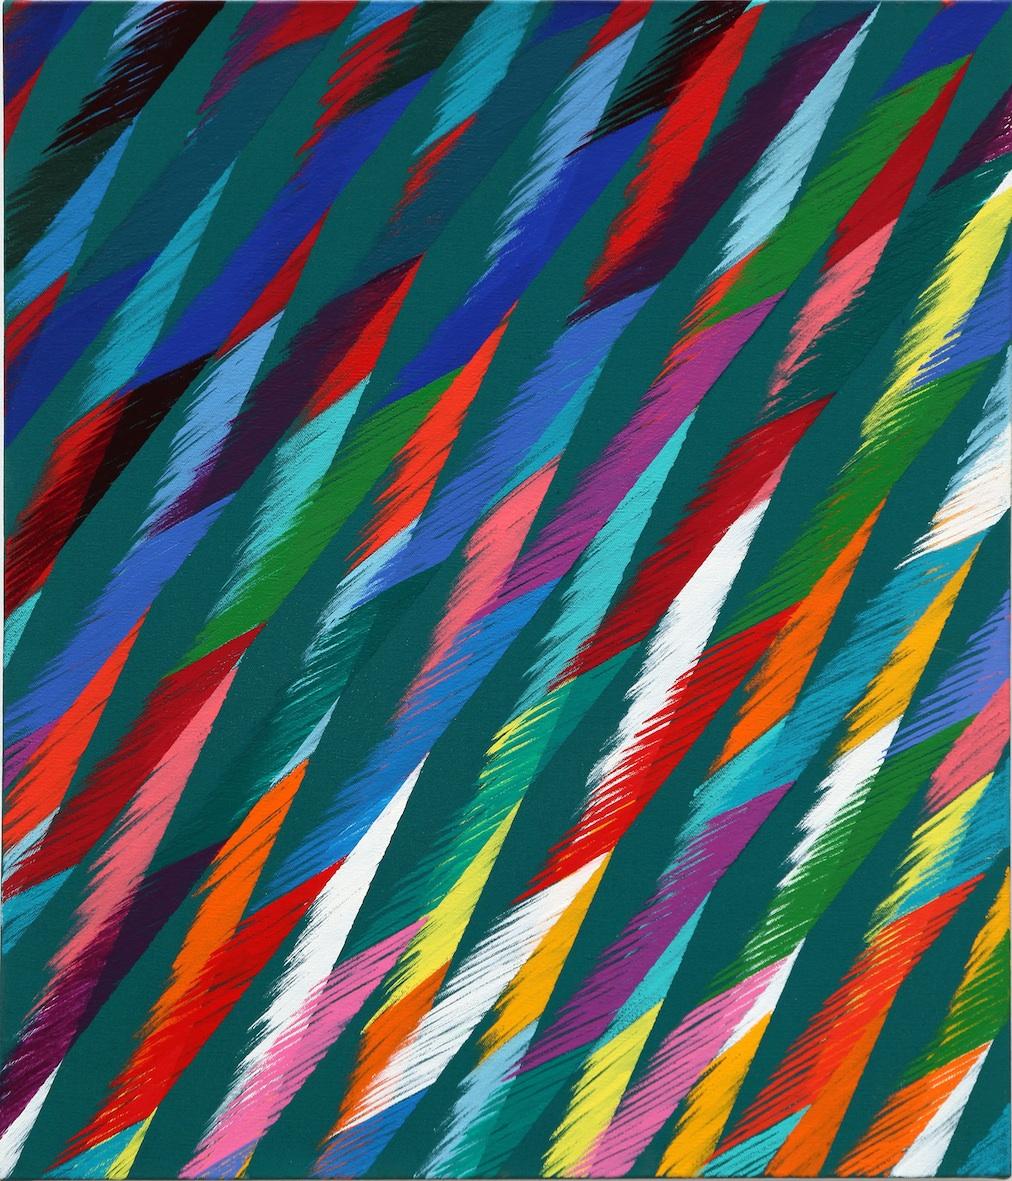 Le vibrazioni di colore di Piero Dorazio in mostra da Lorenzelli Arte a Milano